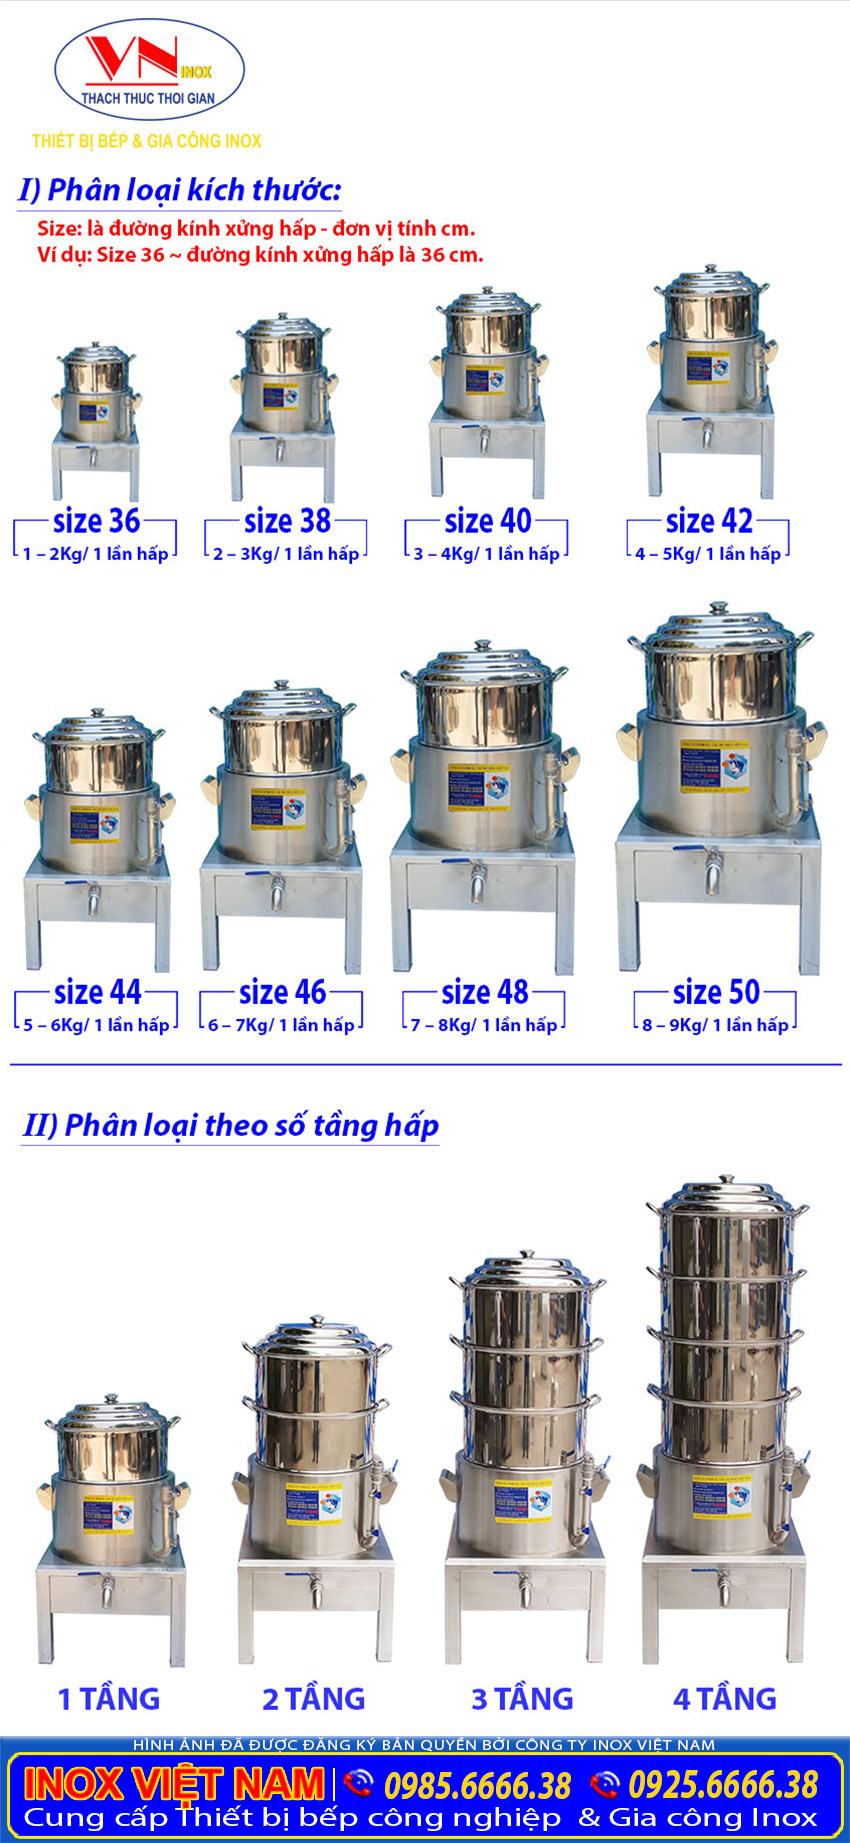 Phân loại nồi hấp điện công nghiệp, nồi hấp inox công nghiệp, nồi hấp cách thủy công nghiệp của Inox Việt Nam.